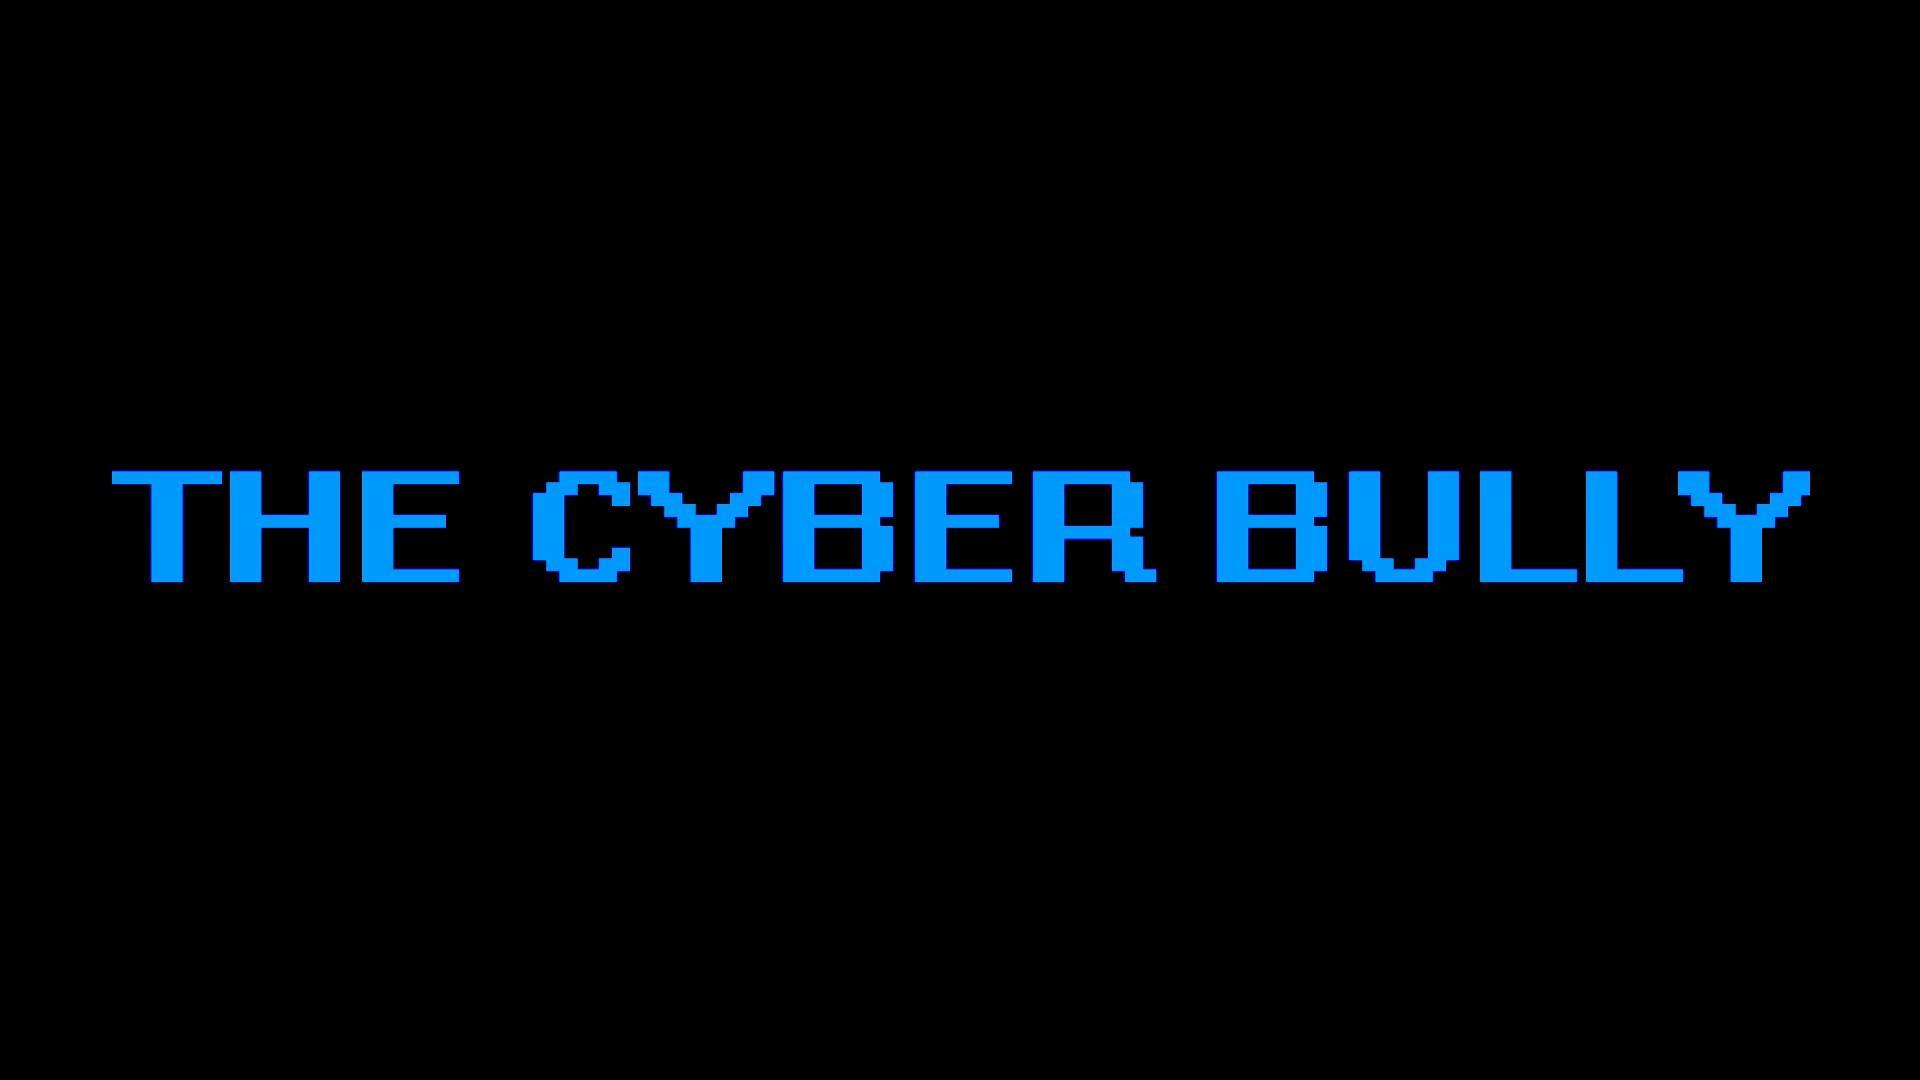 The Cyber Bully 2017 Imdb